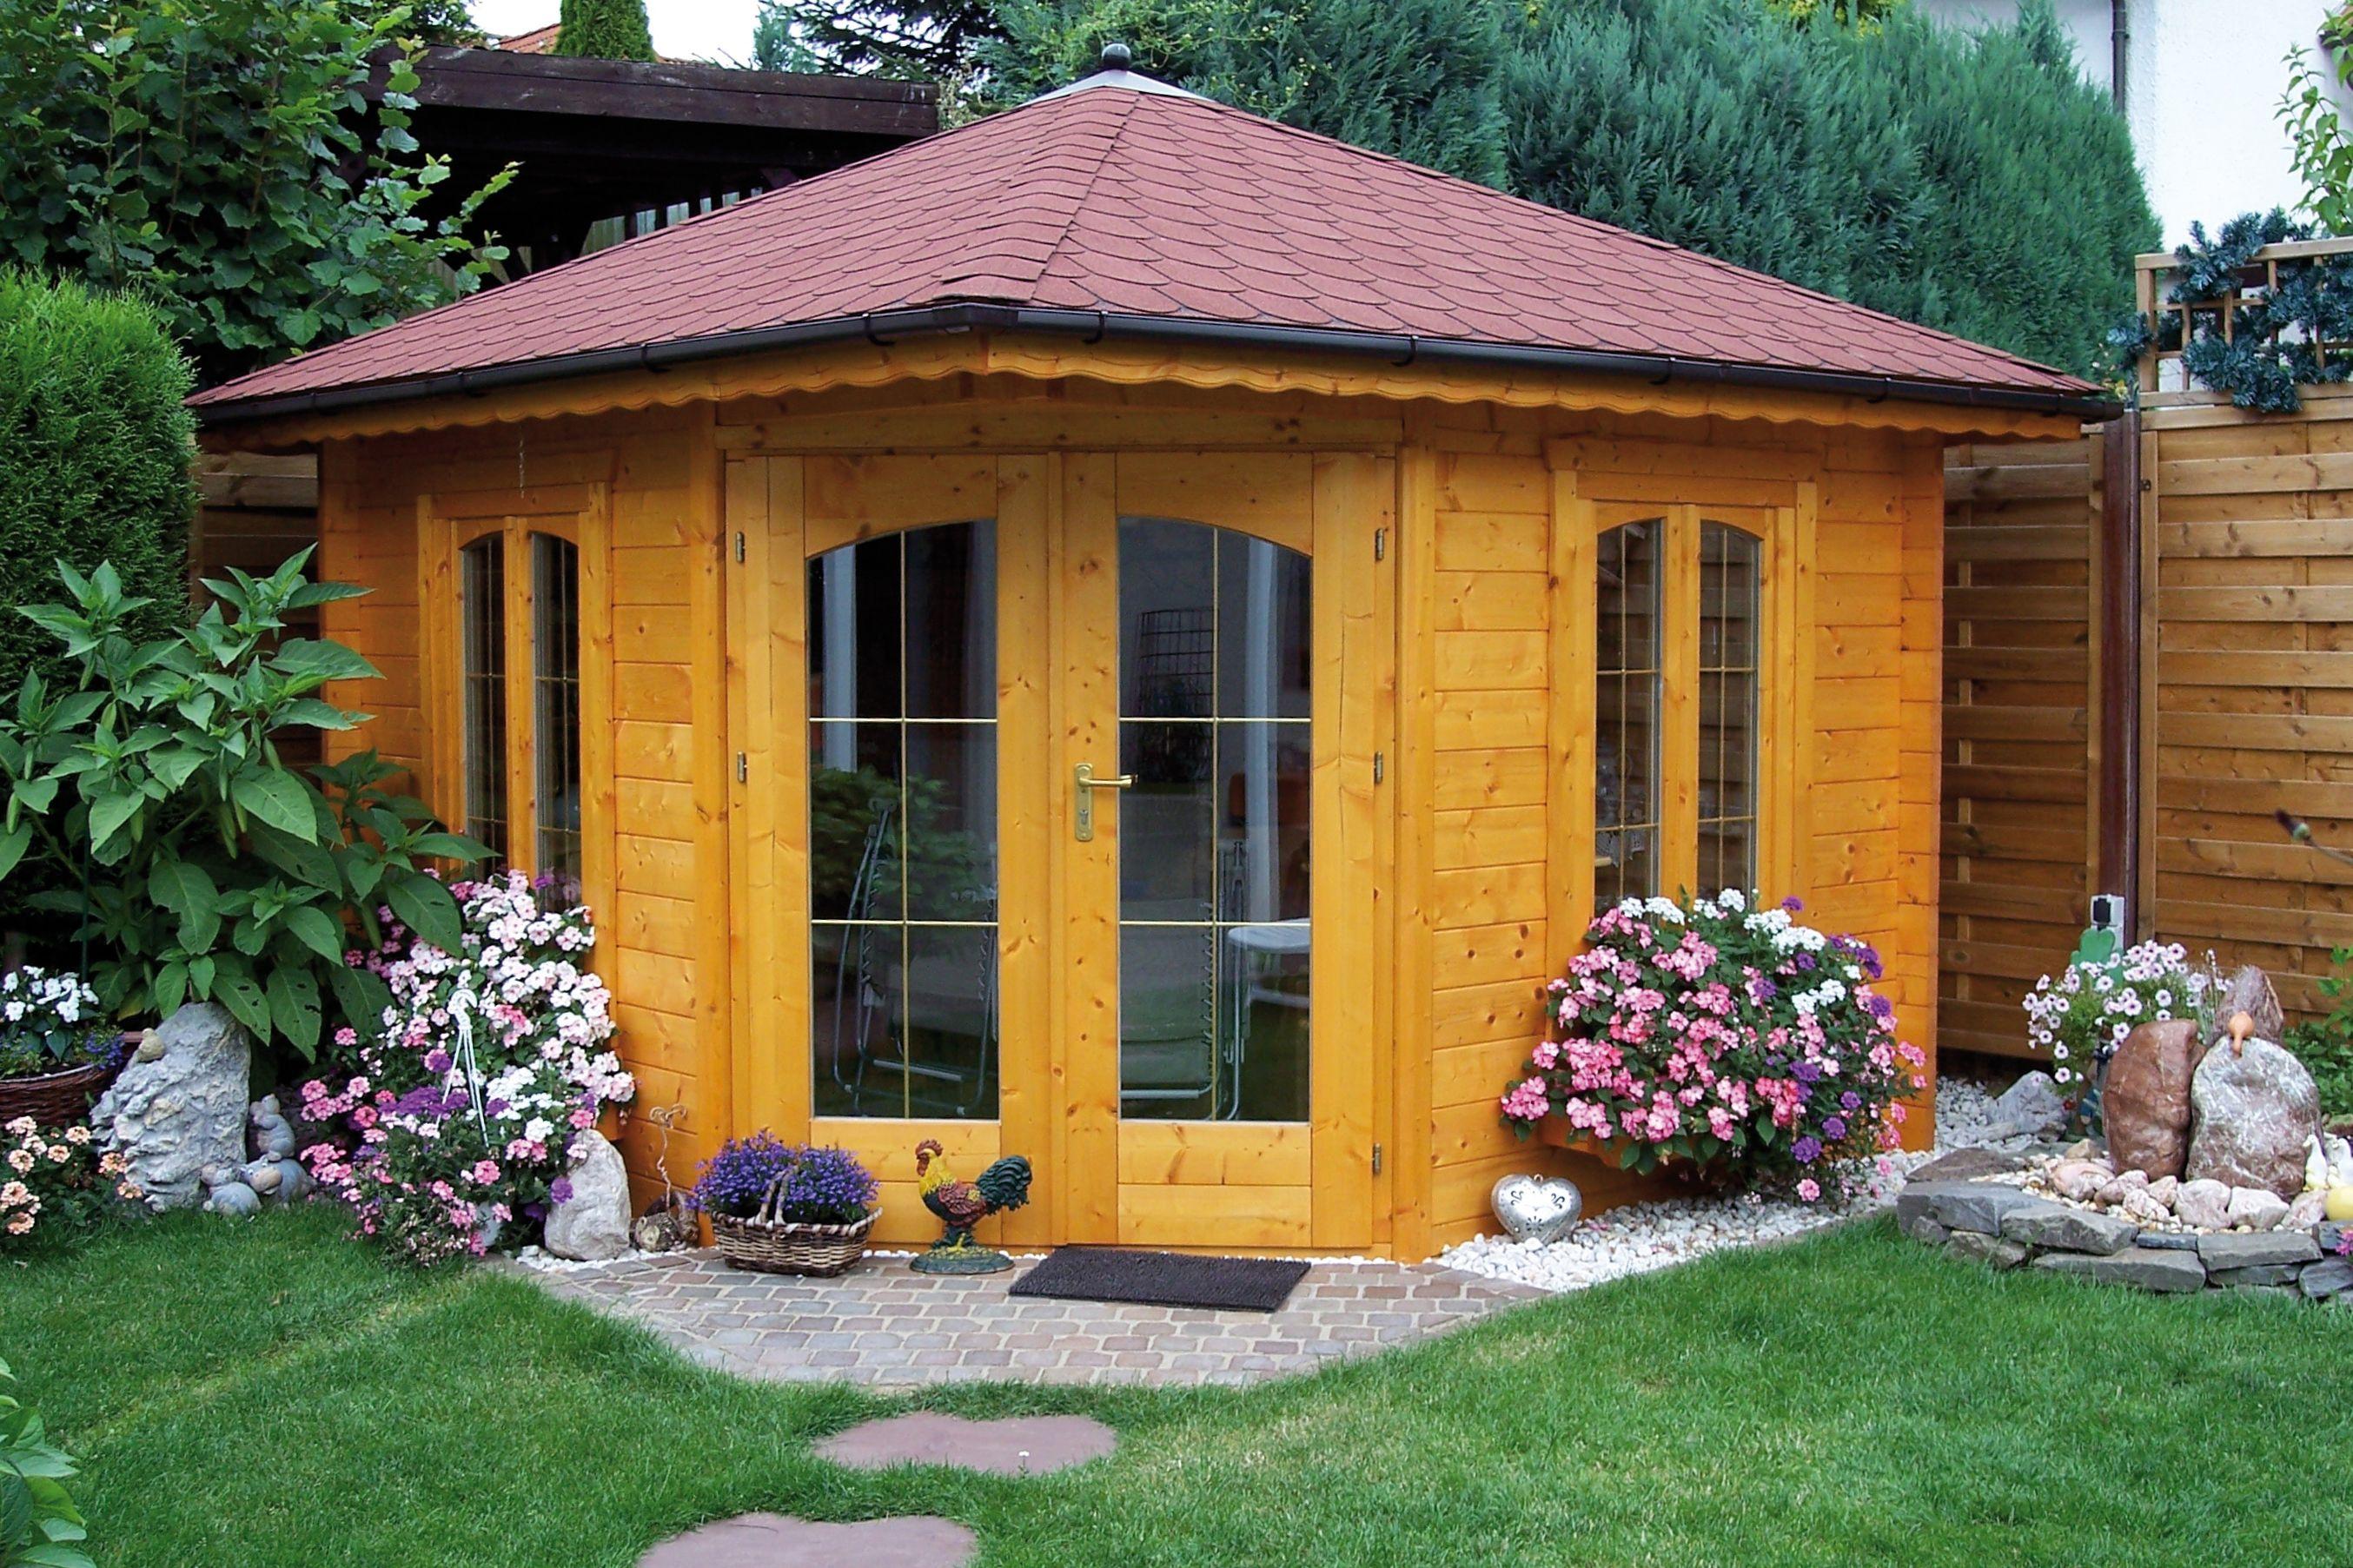 Pin von Grave Holzhäuser auf Gartenblockhäuser (mit